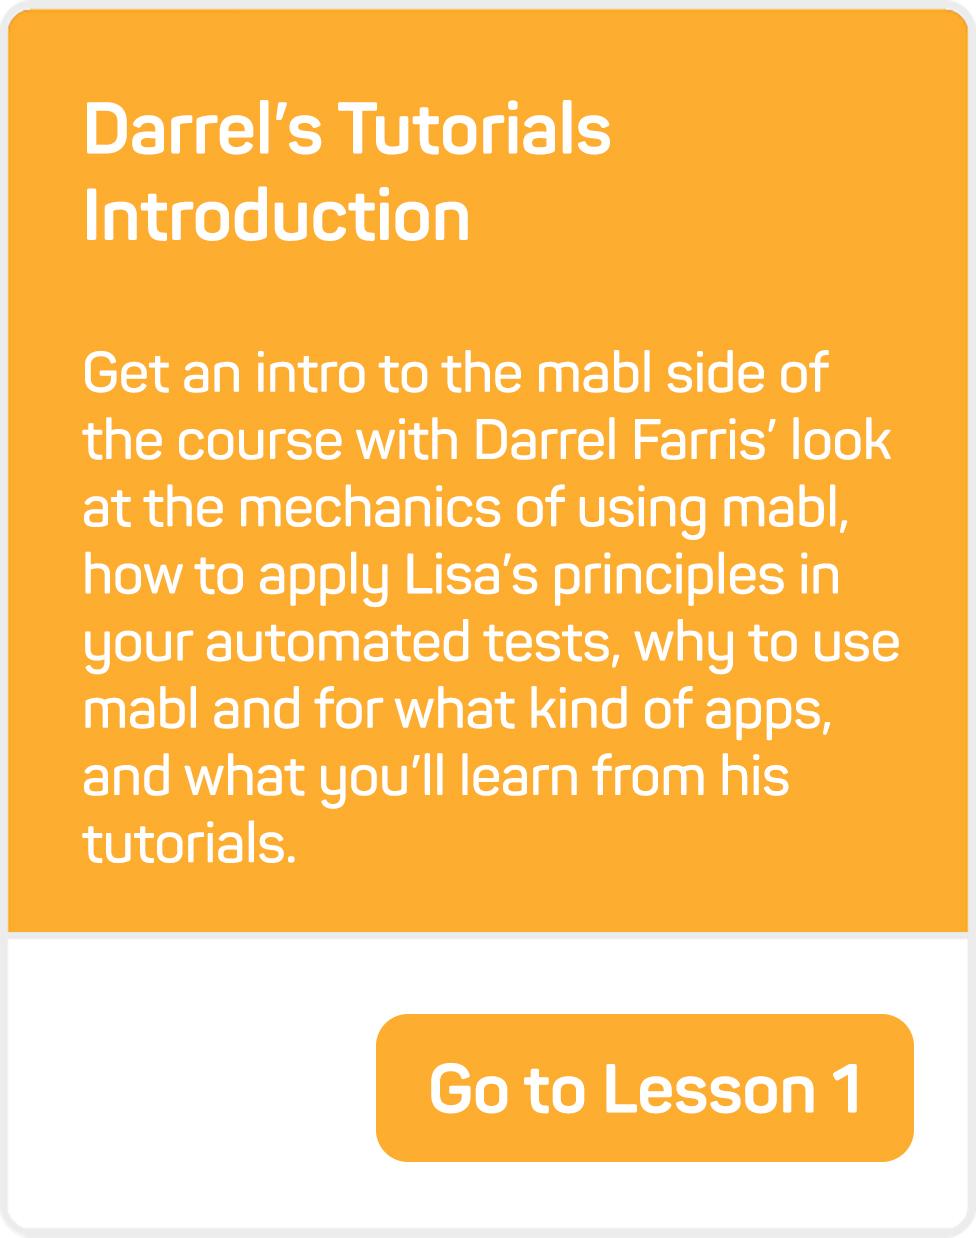 mablU Darrel Lesson 1